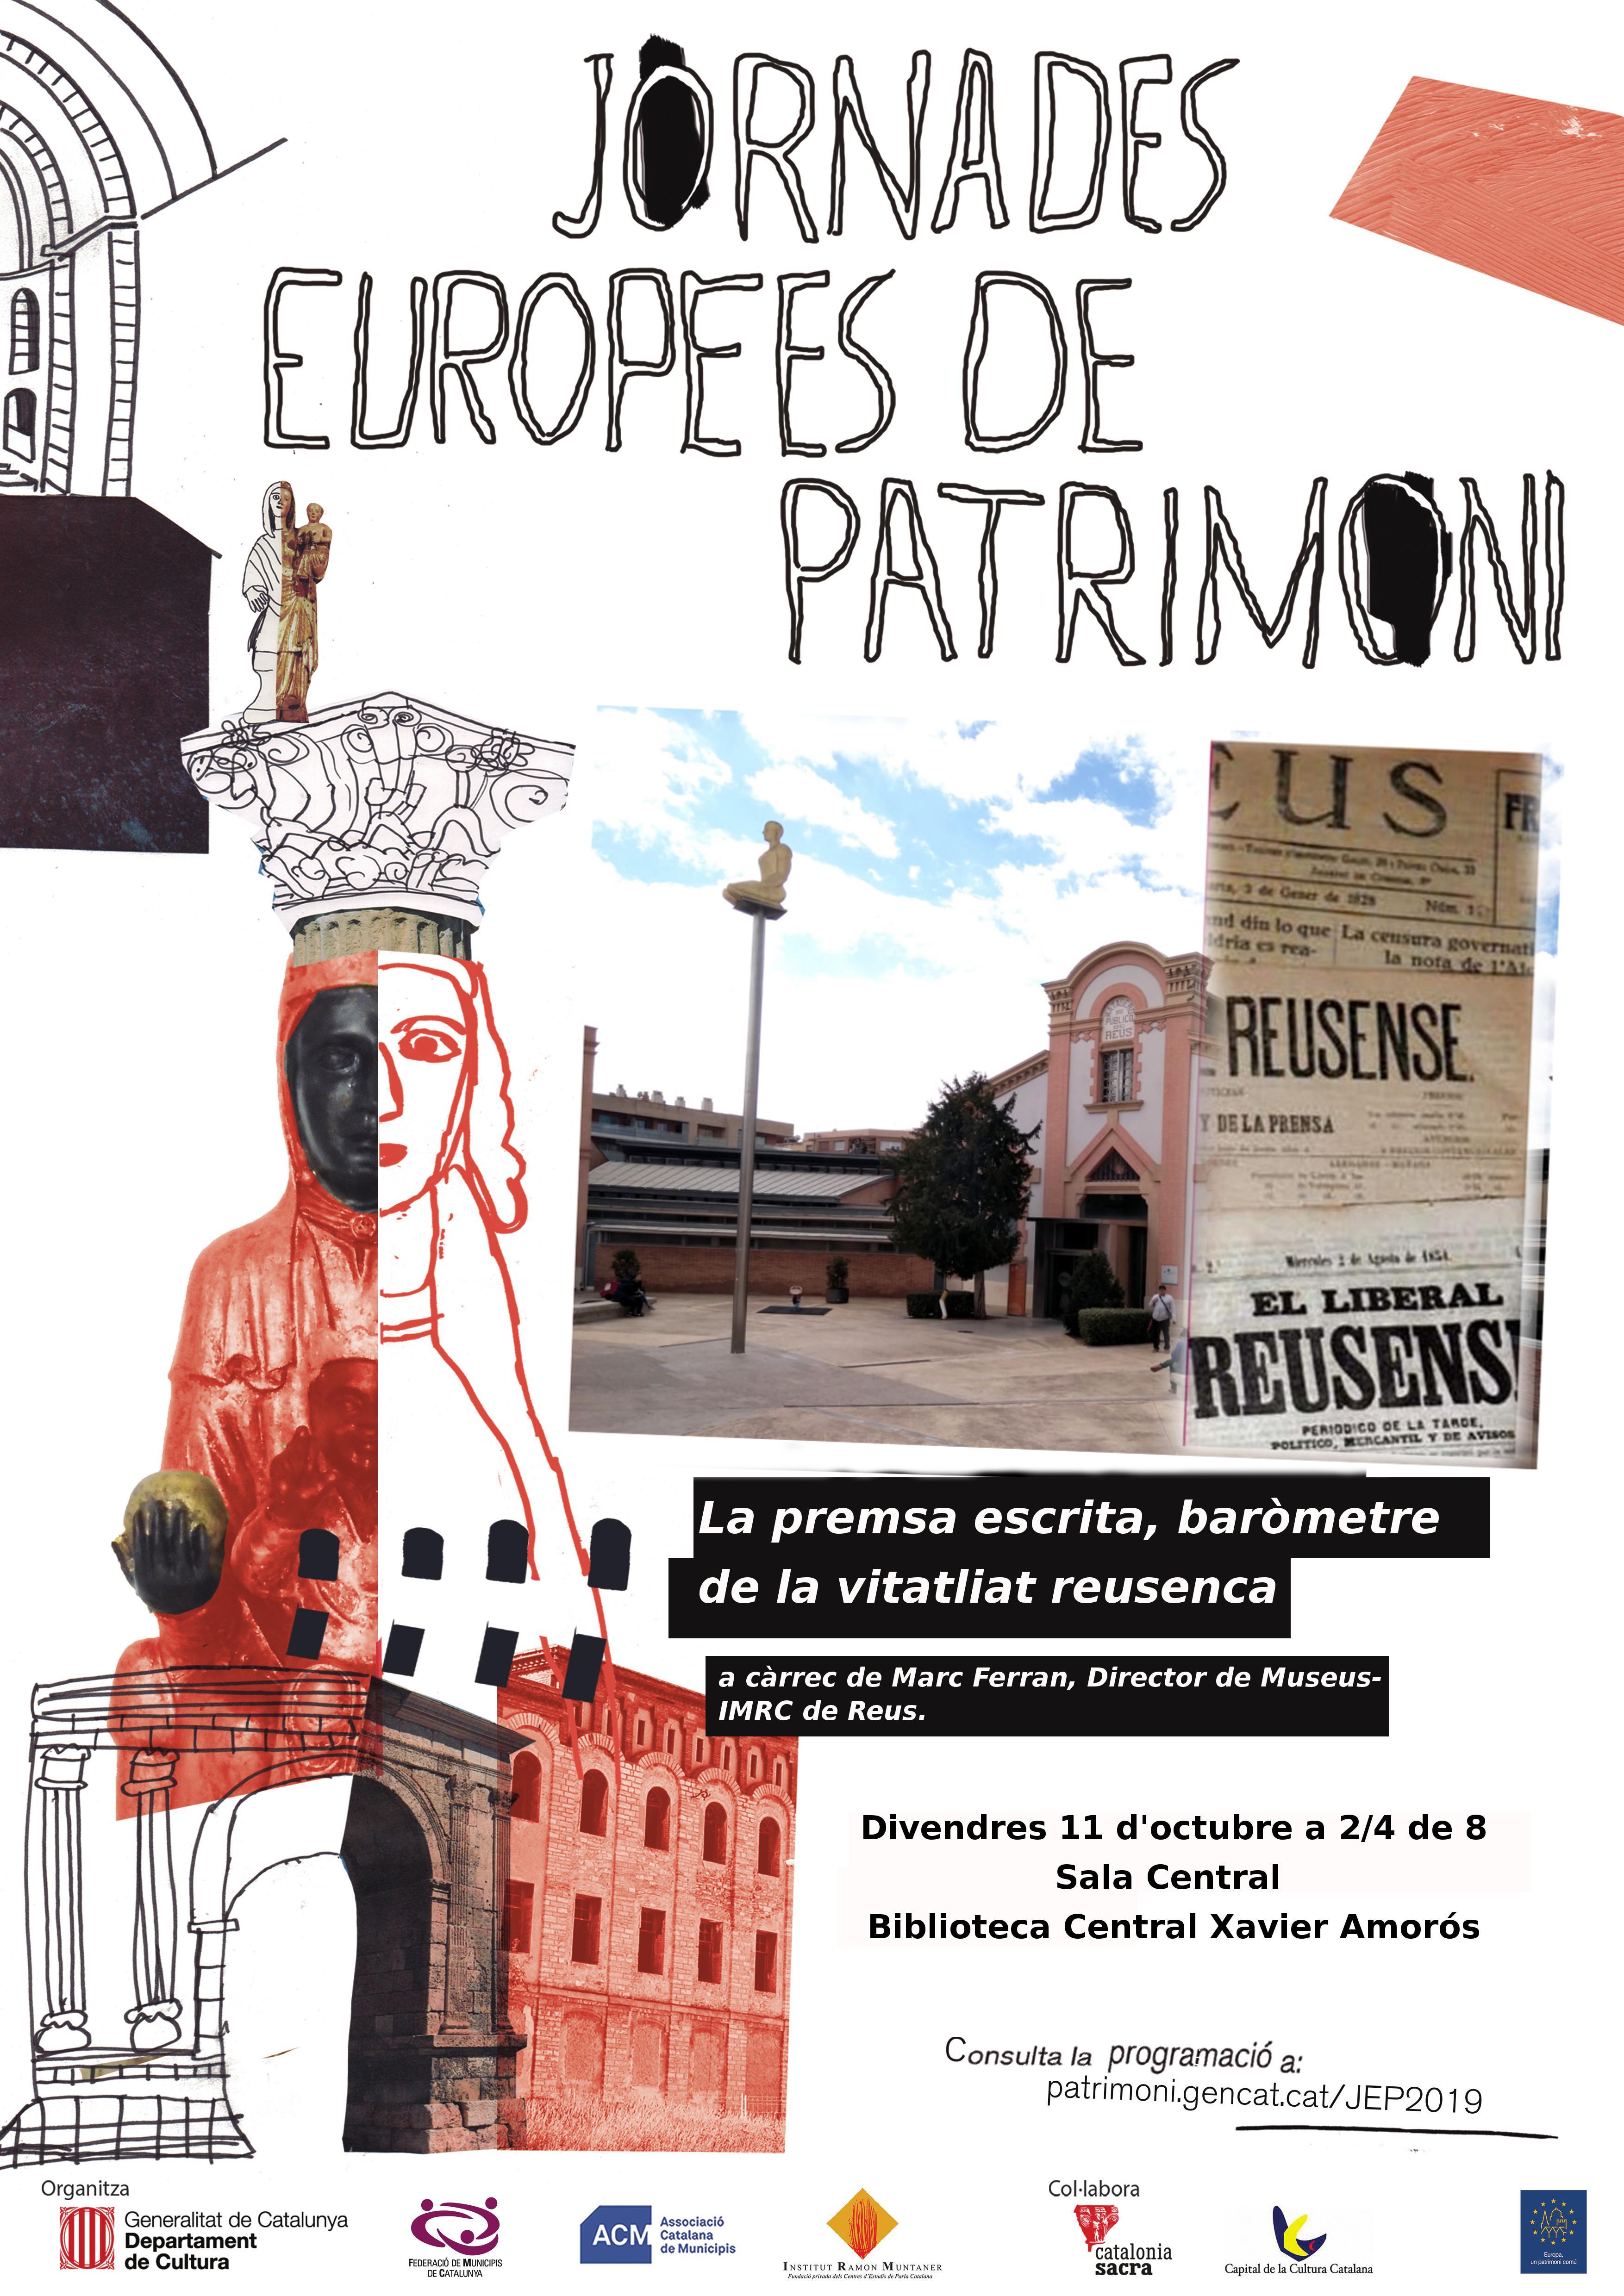 Jornades Europees de Patrimoni.